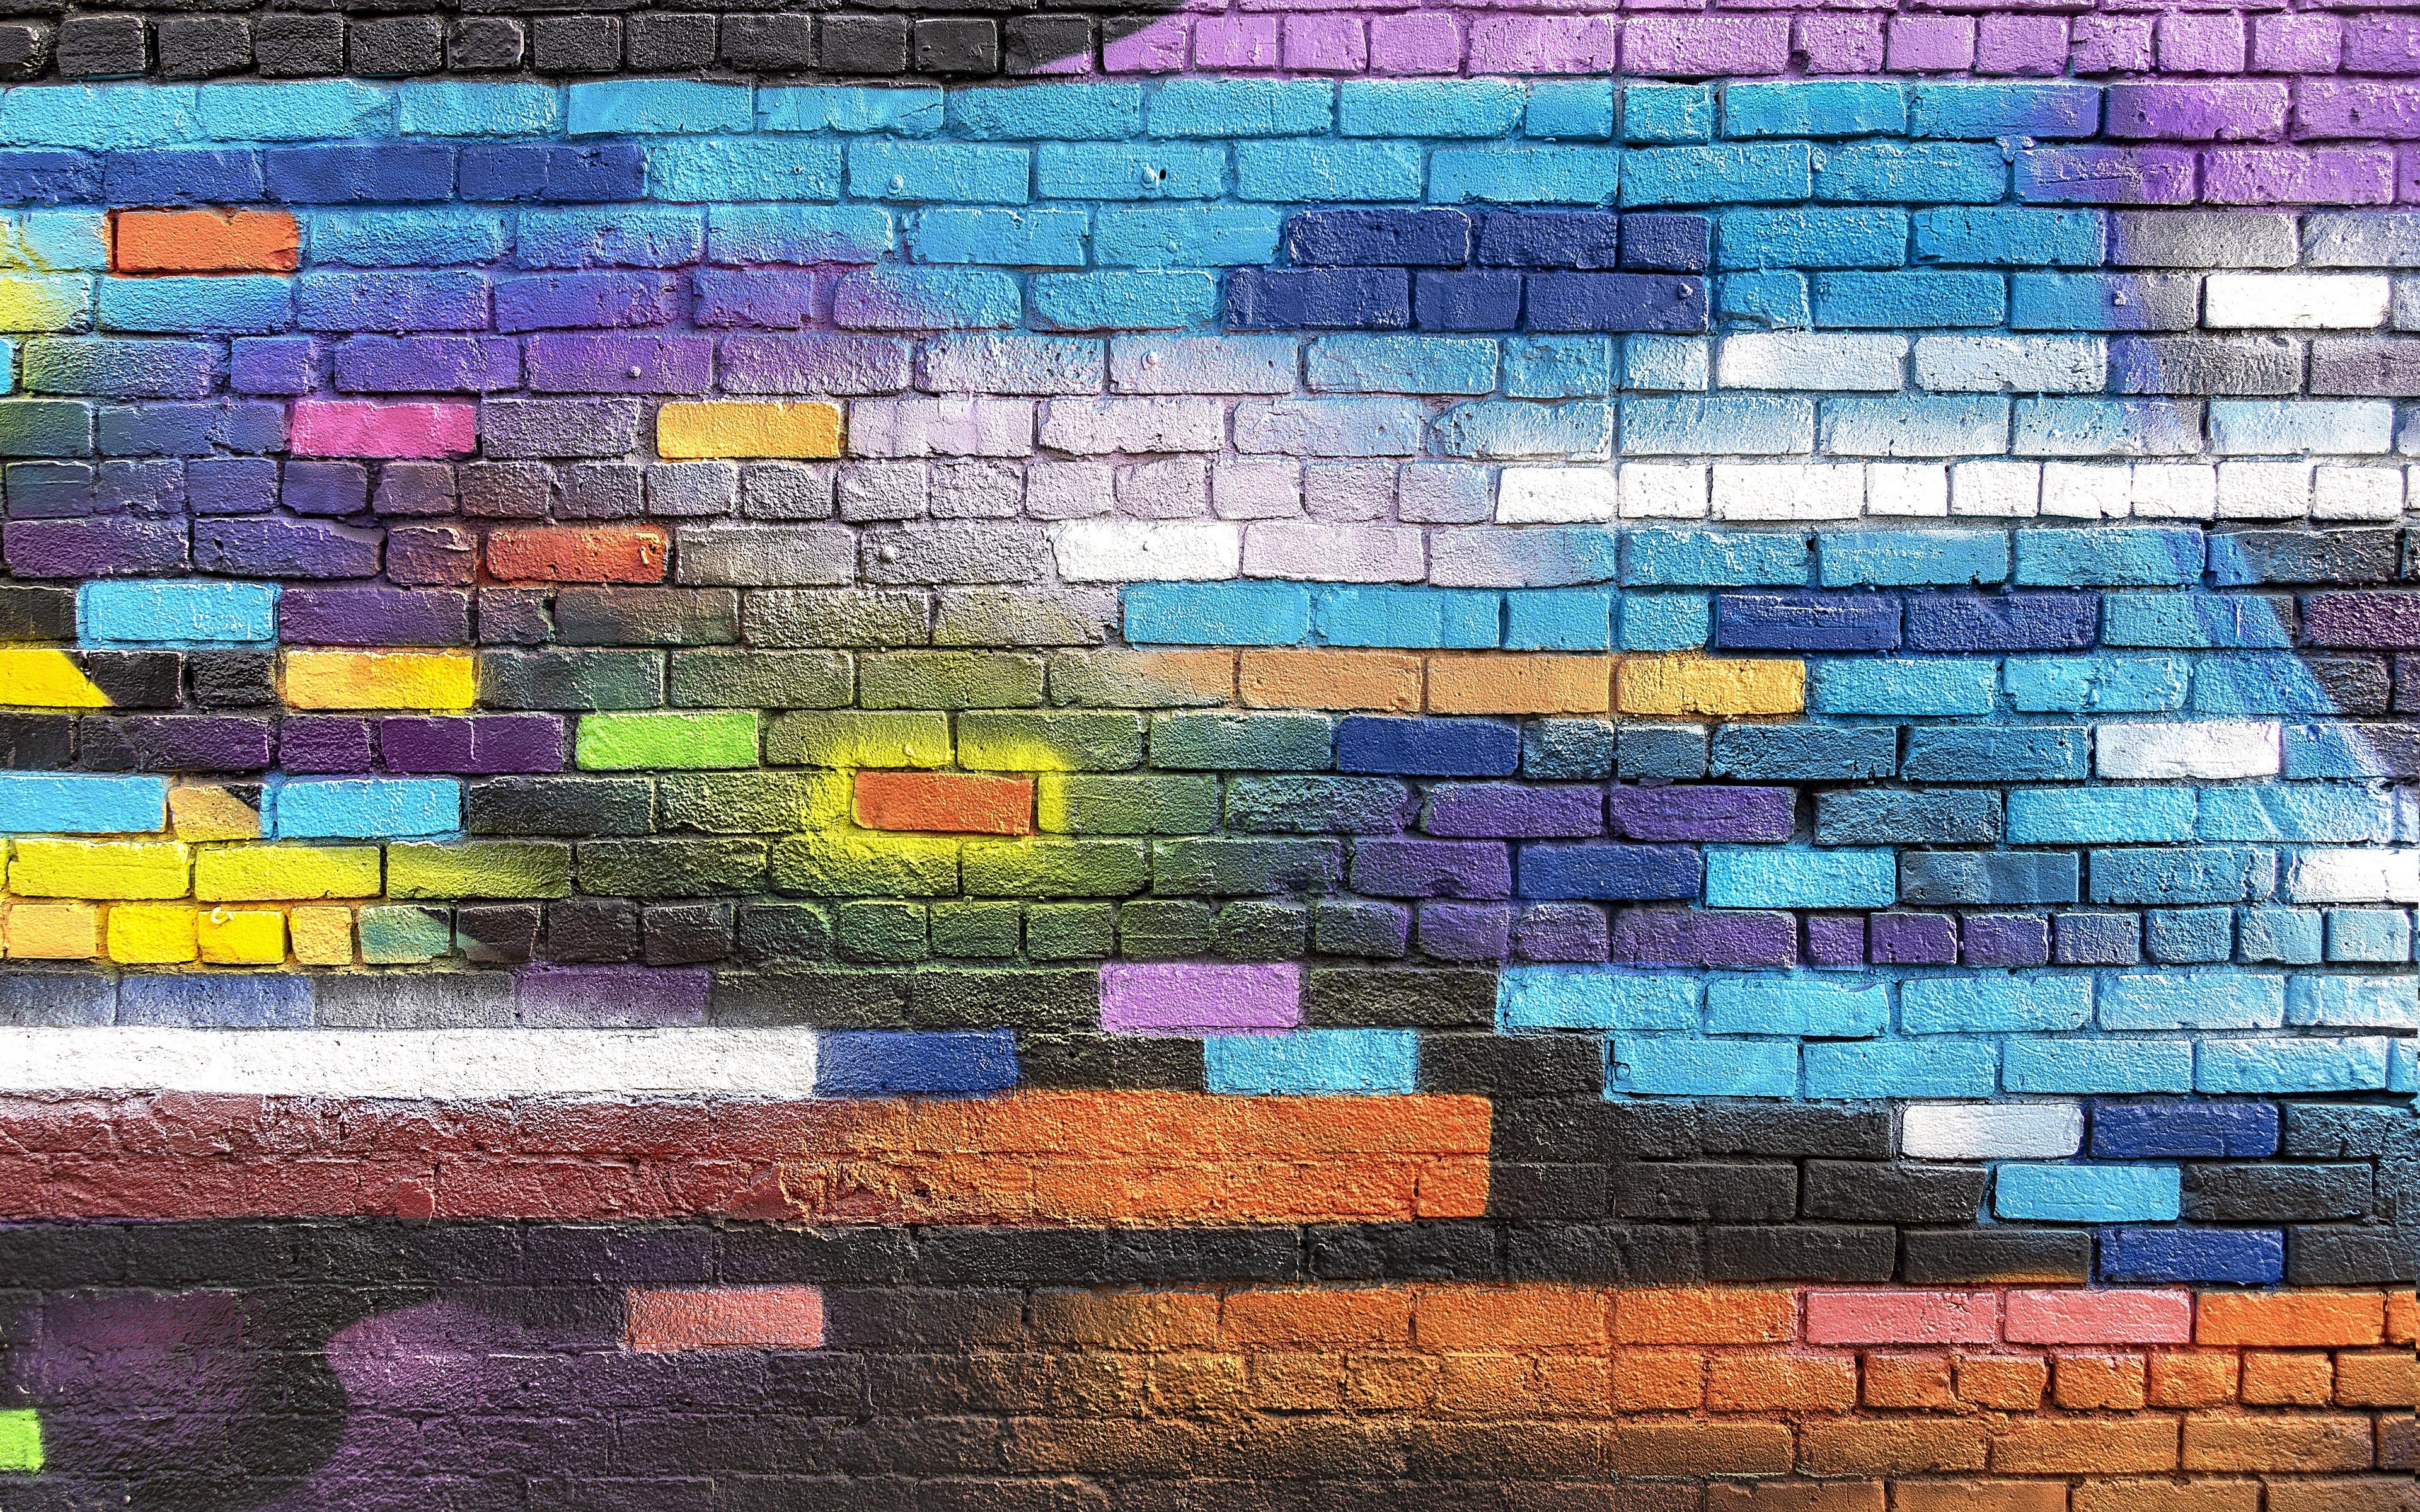 образе кирпичная стена рисунок красками осуществляет